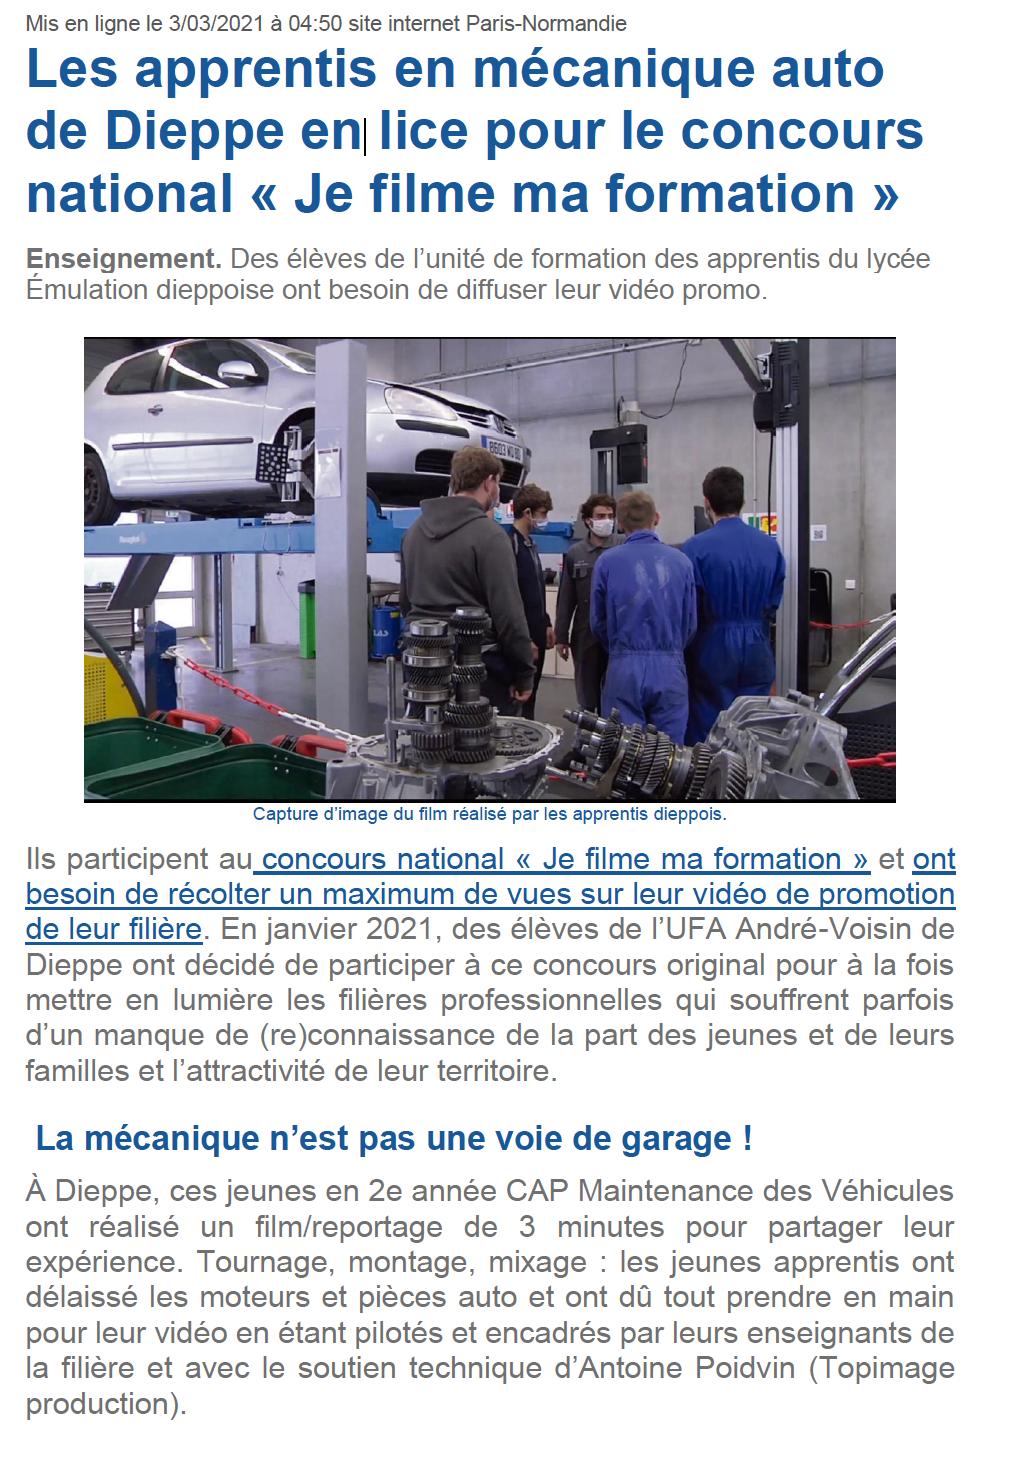 Les apprentis en mécanique auto de Dieppe en lice